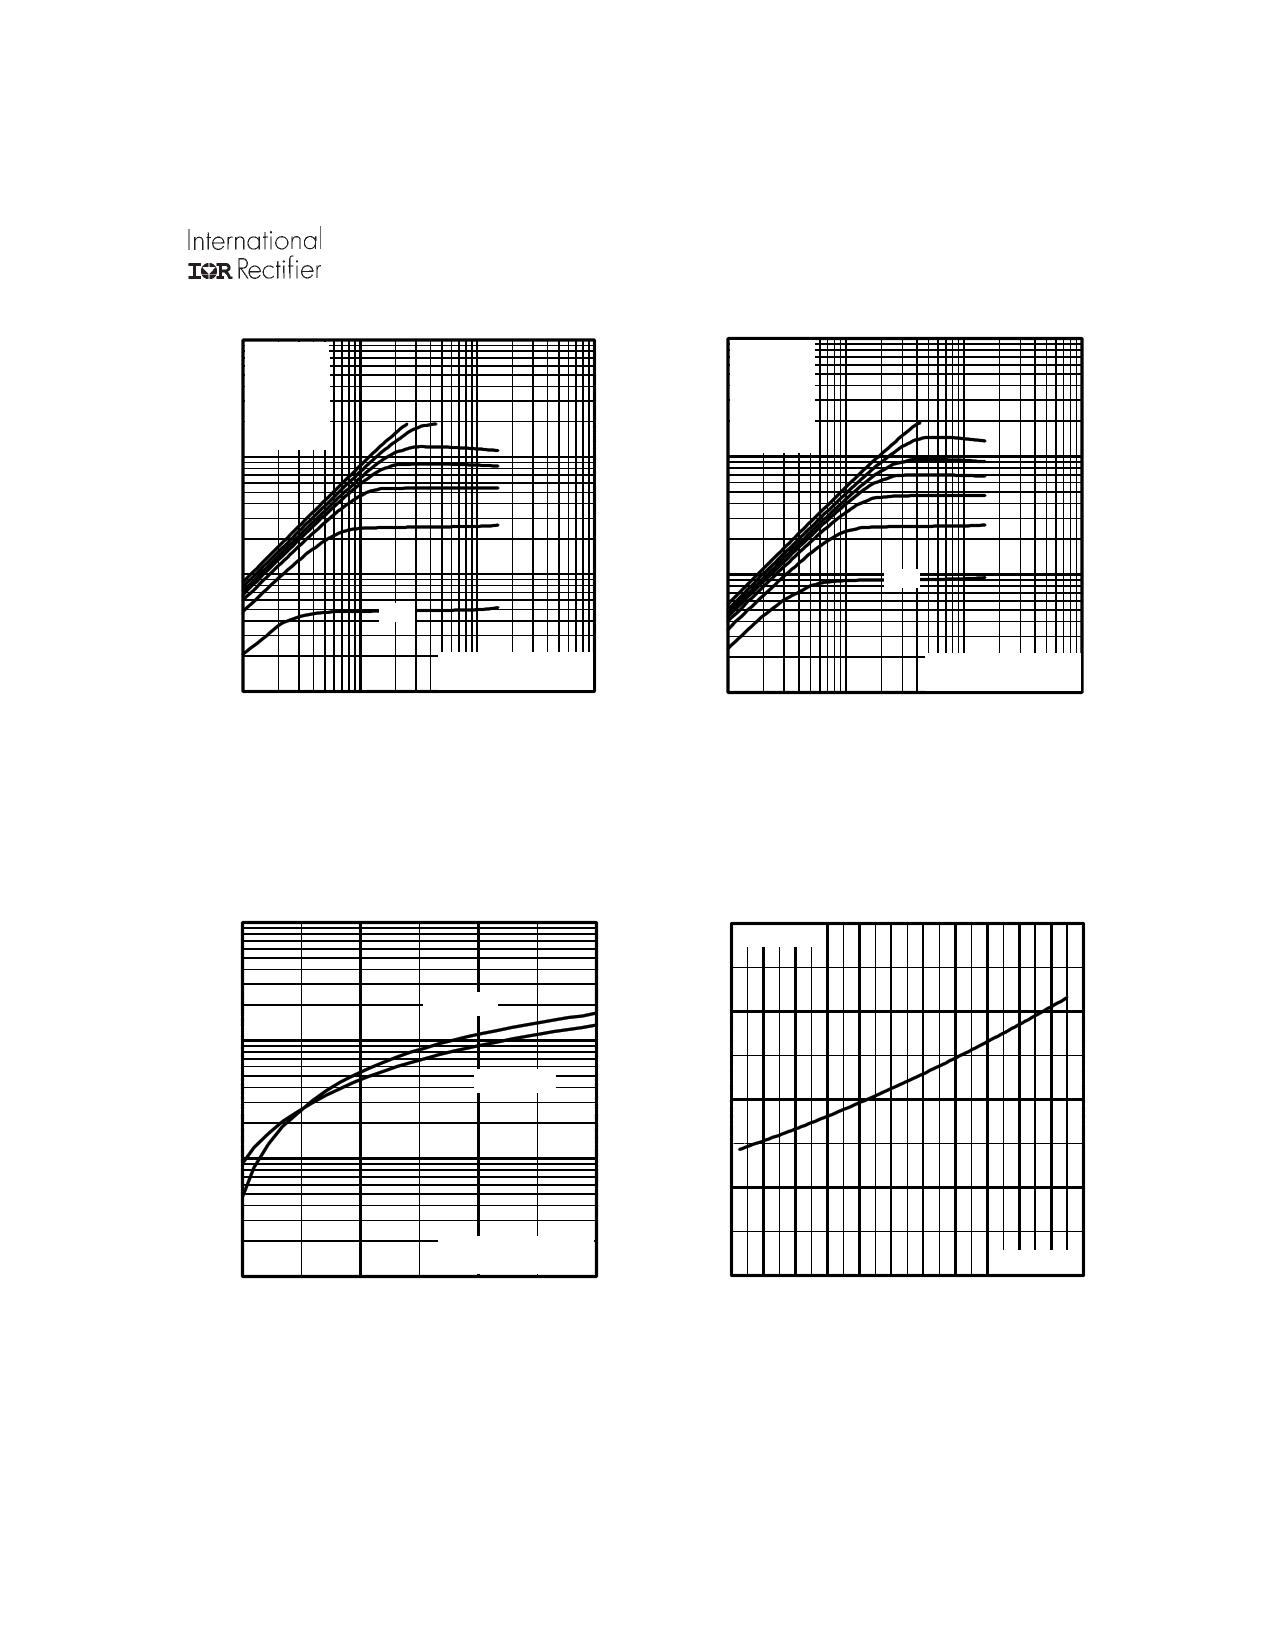 IRL3202PBF pdf, ピン配列